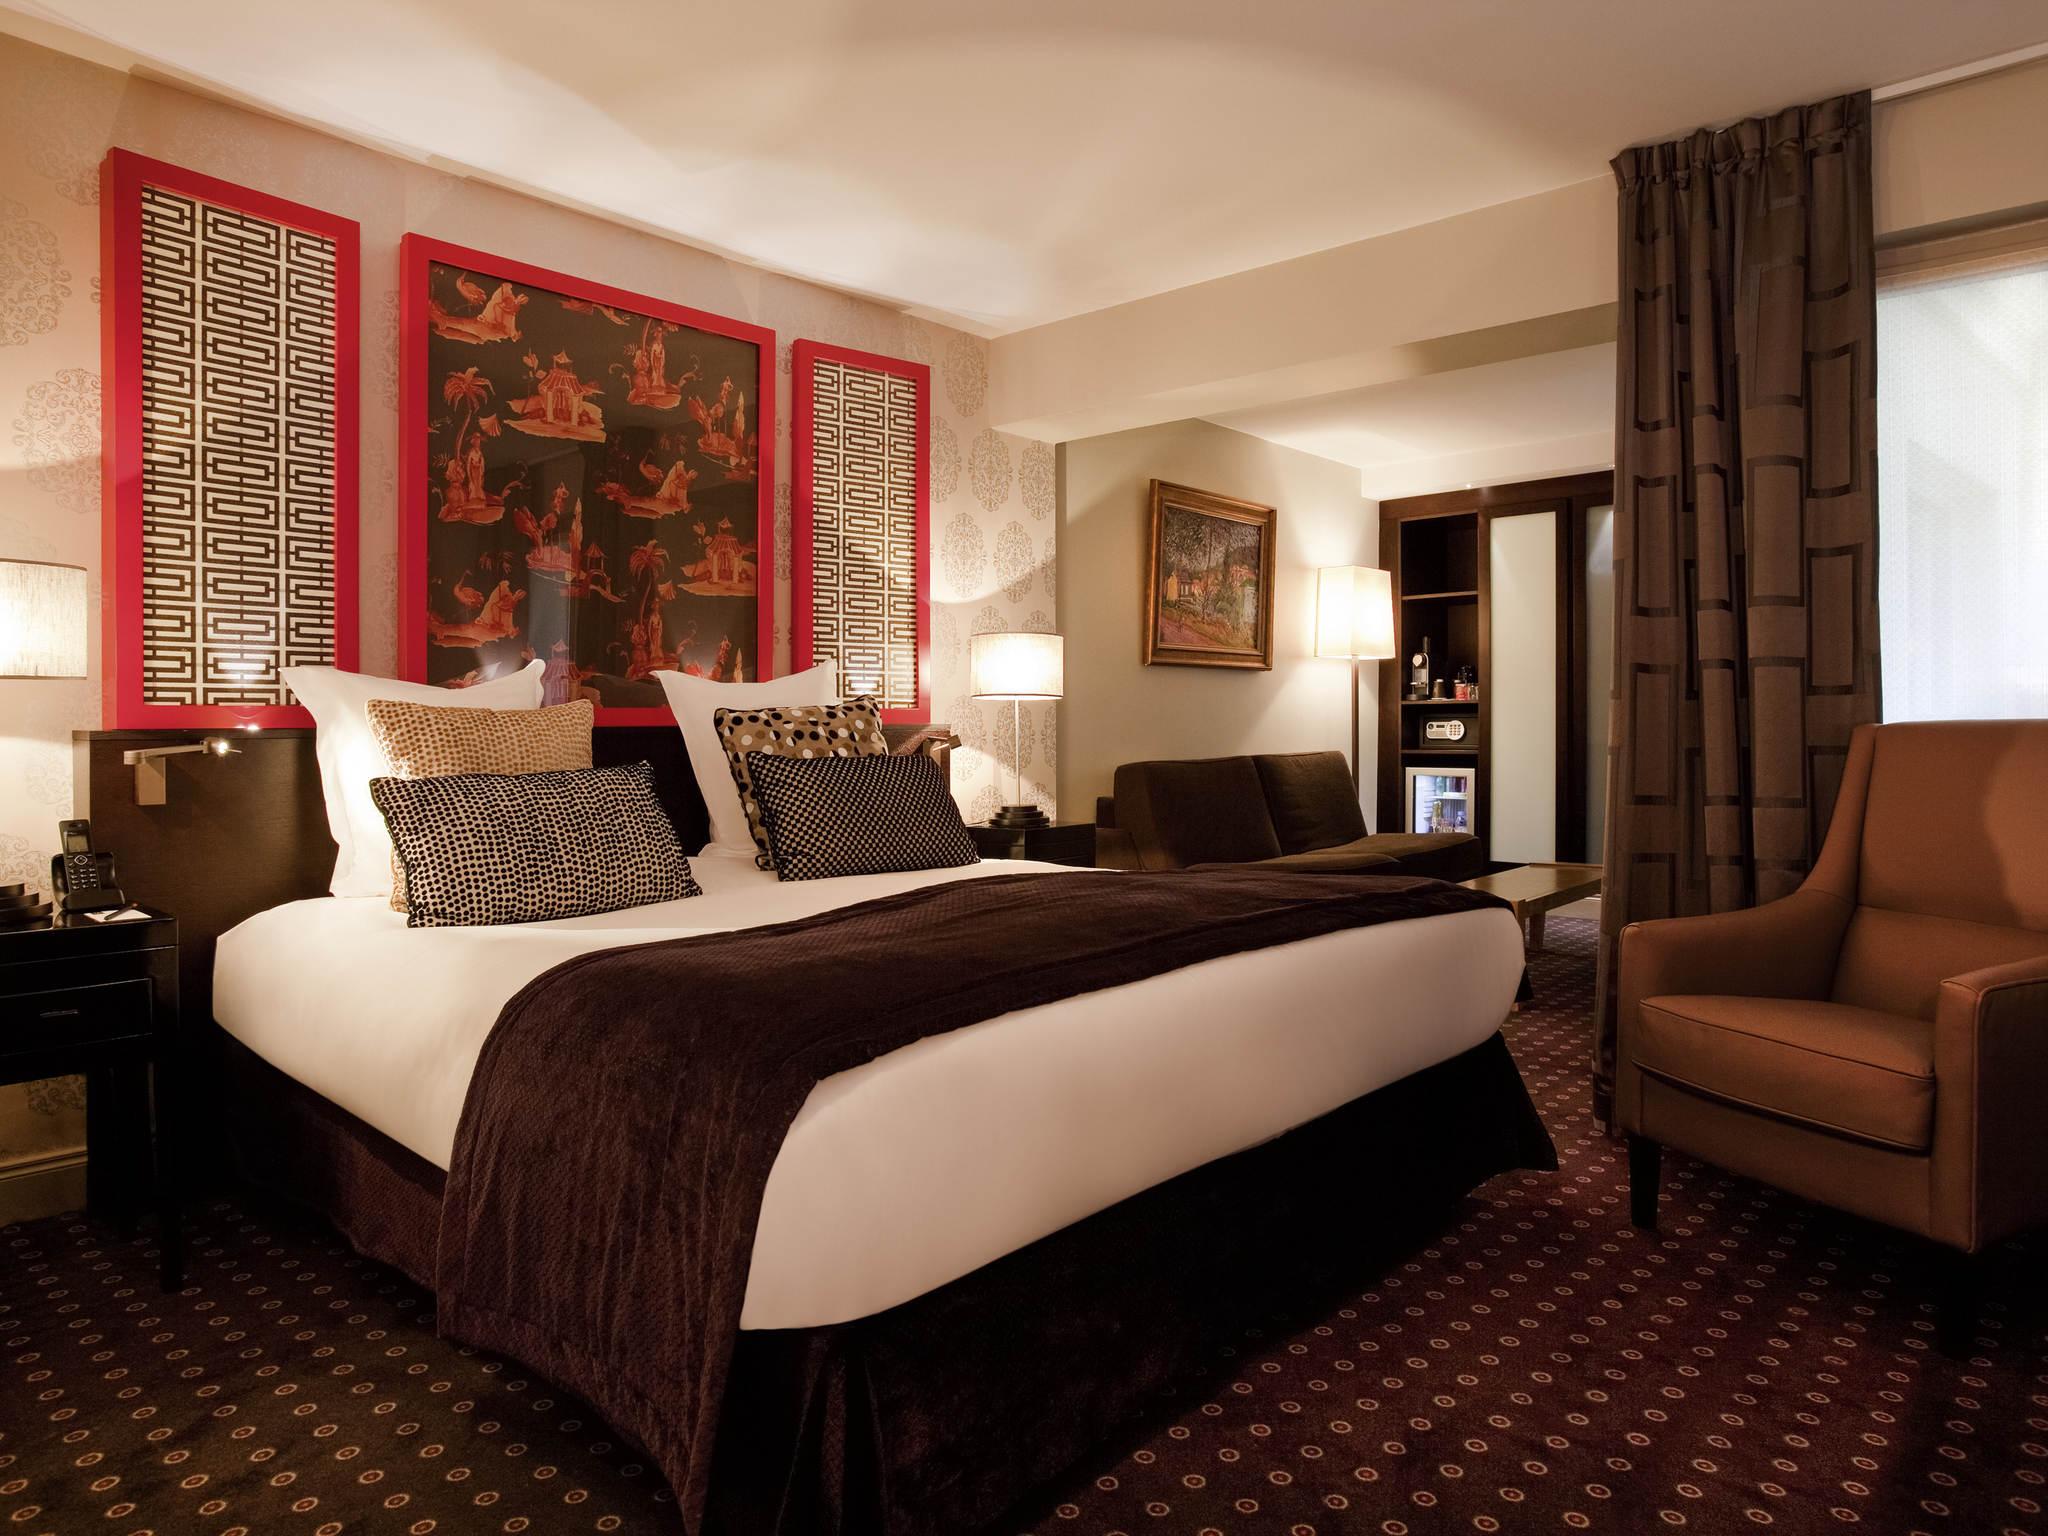 ホテル – ホテル スタンダール プラス ヴァンドーム パリ Mギャラリー by ソフィテル